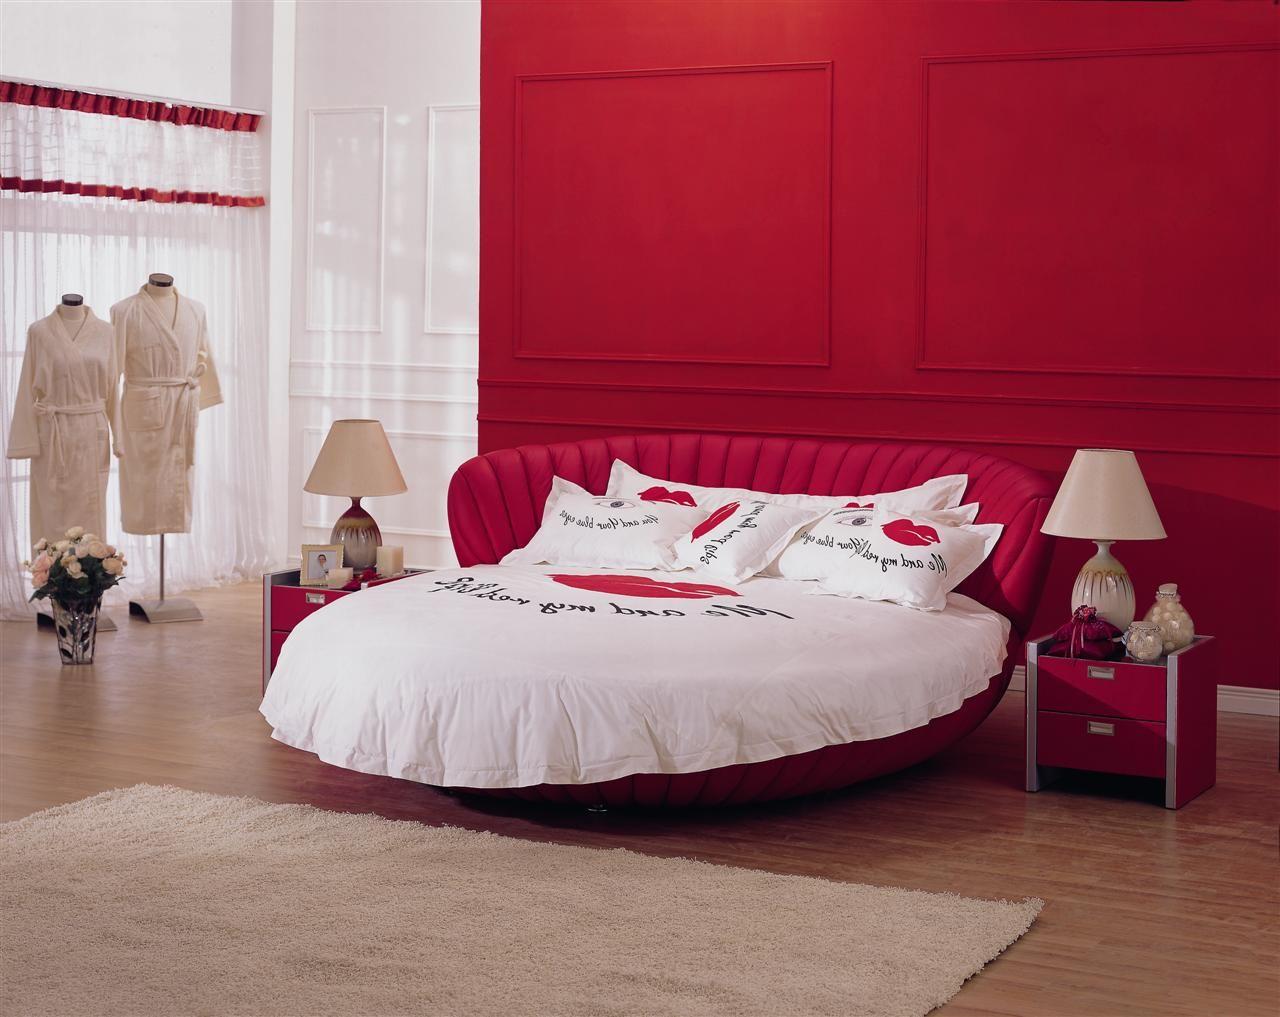 Красно-белая эффектная круглая кровать в спальне